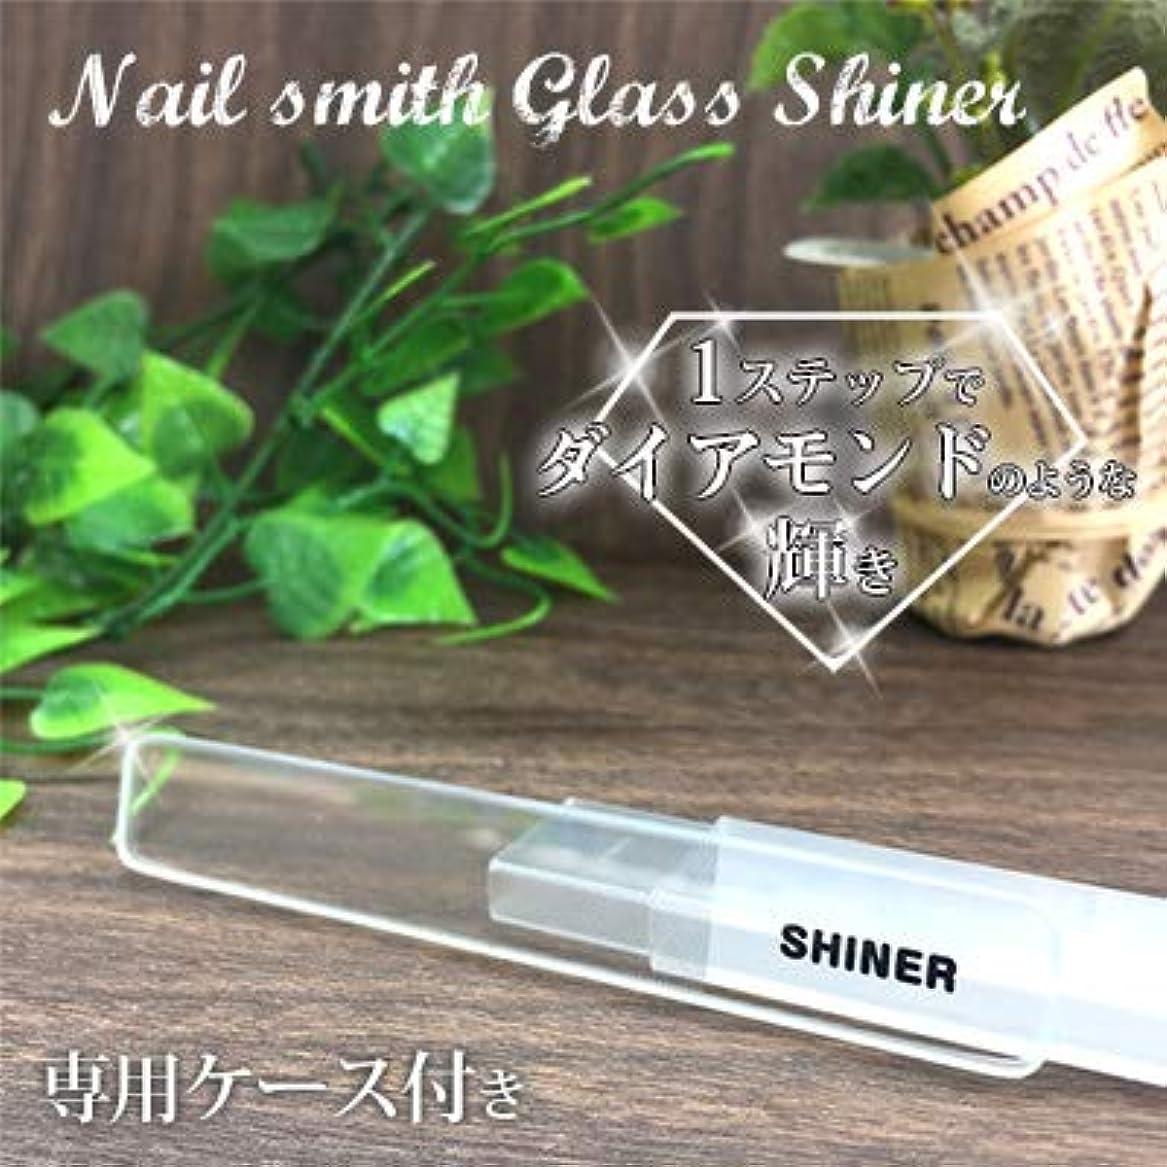 土砂降りマイクロフォン麻痺nail smith ネイルスミス ガラスシャイナー